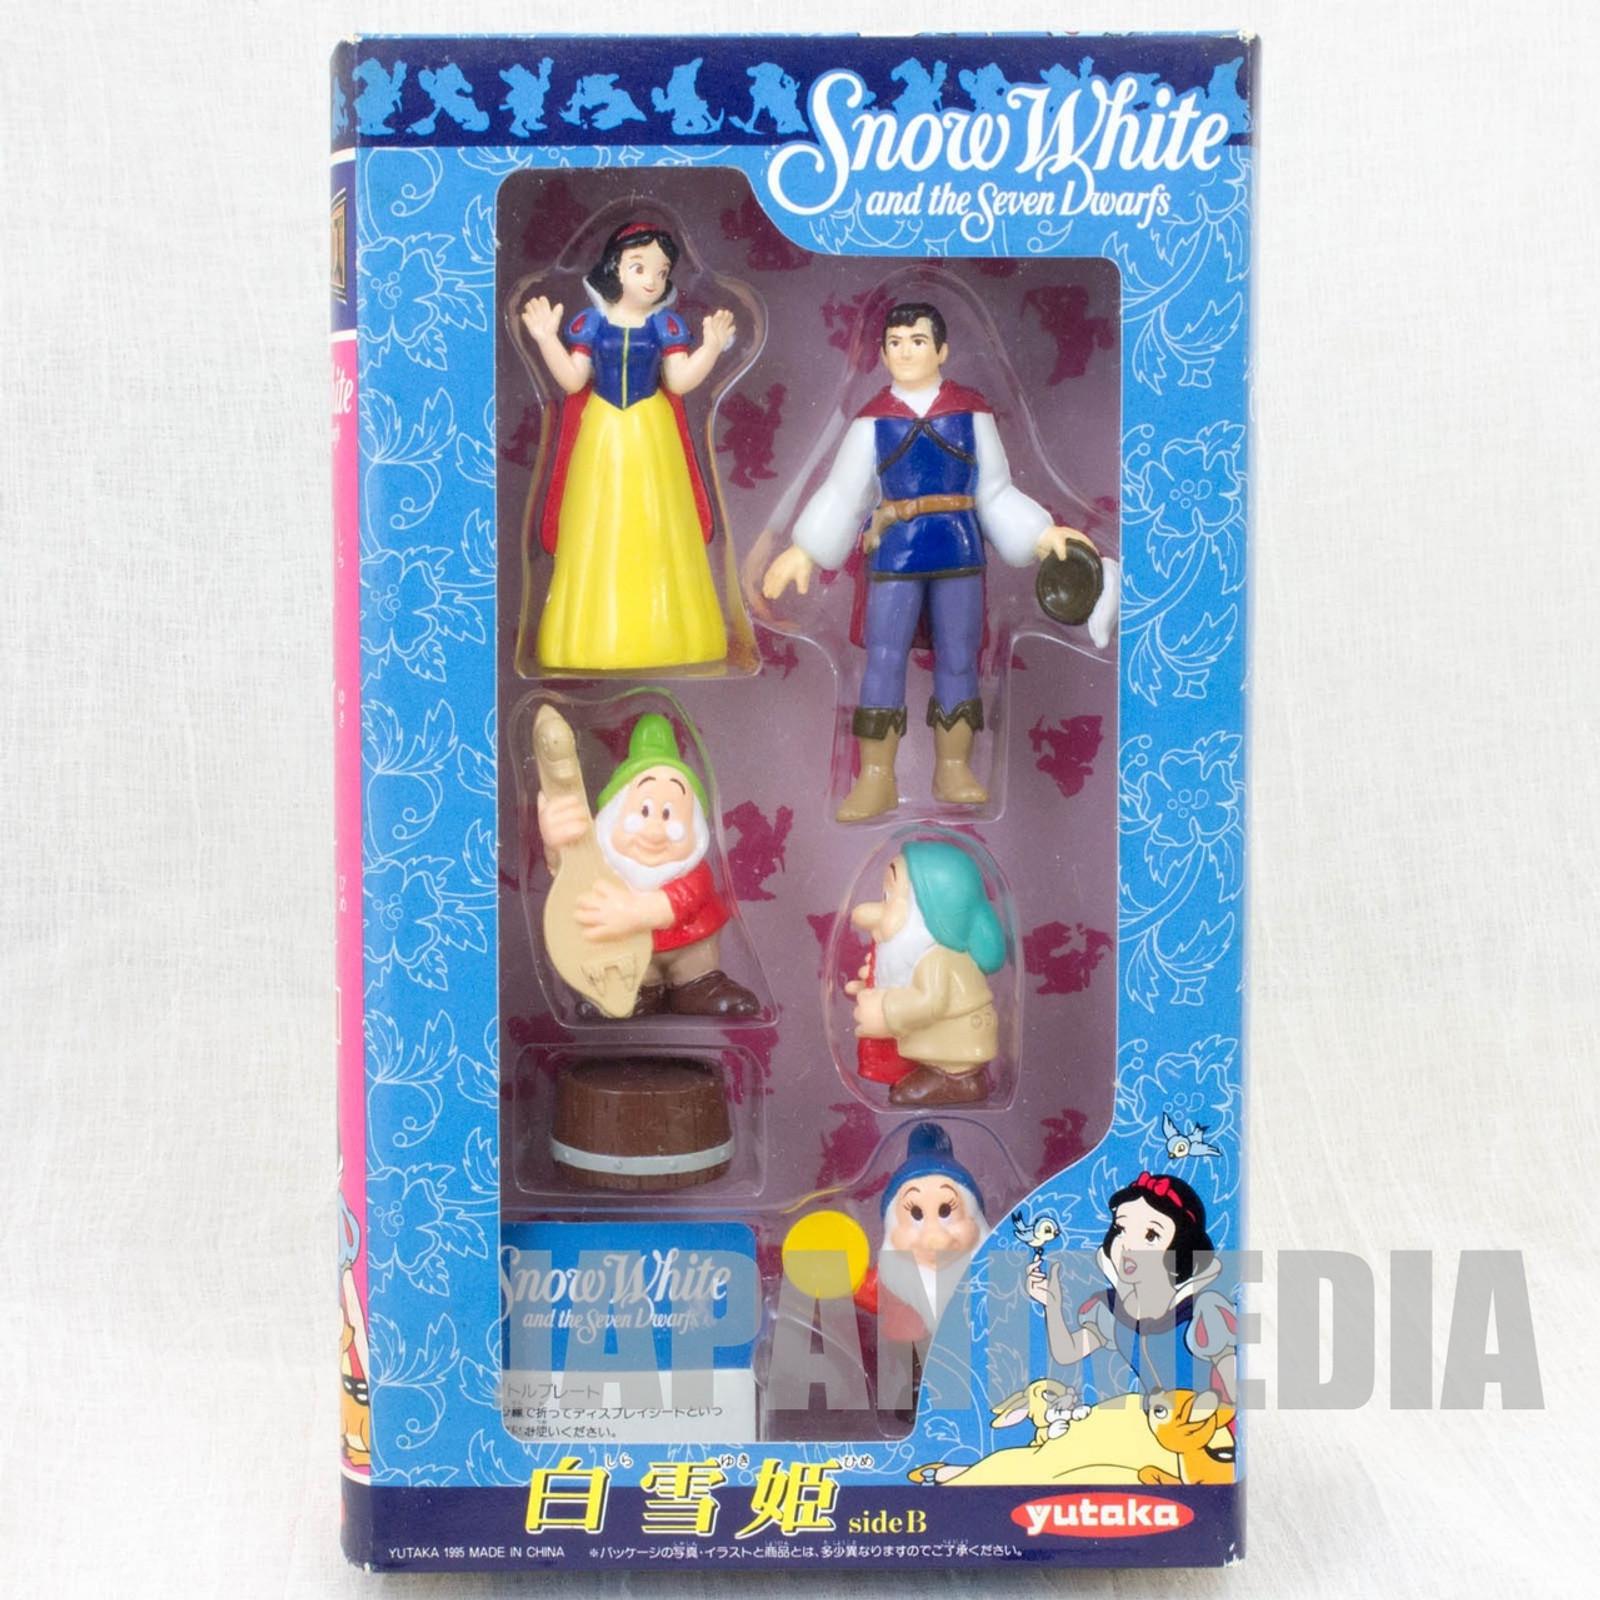 RARE! Disney Snow White and Seven Dwarfs Movie Friends Mini Figure B Set Yutaka